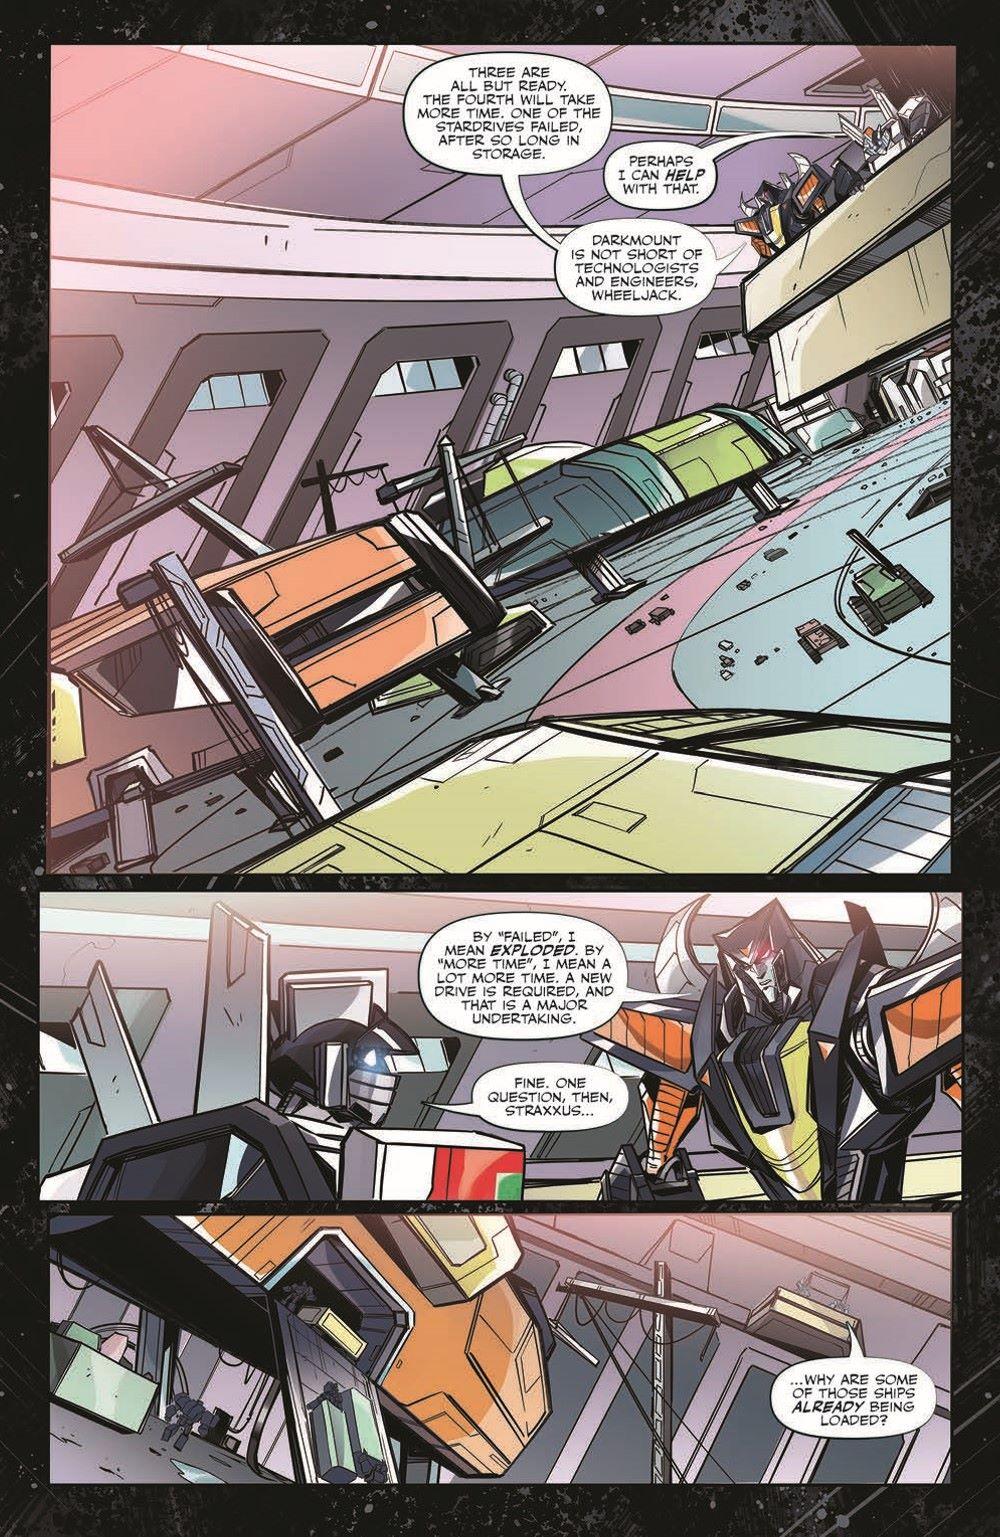 TFEscape04-pr-9 ComicList Previews: TRANSFORMERS ESCAPE #4 (OF 5)